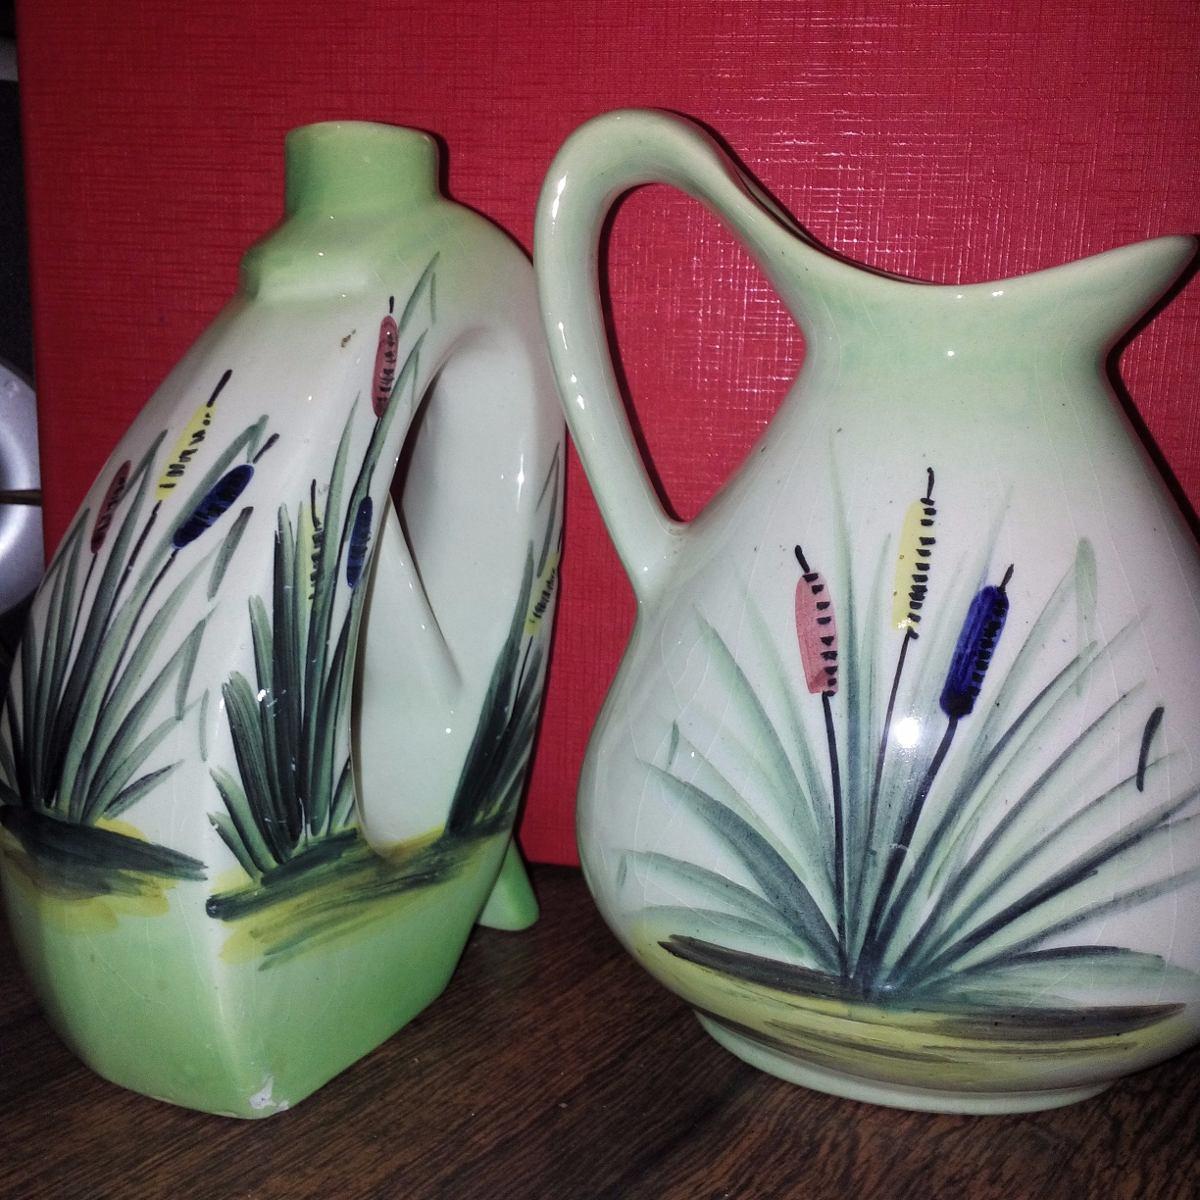 2 jarrones o floreros de ceramica pintados a mano 520 - Jarrones de ceramica ...